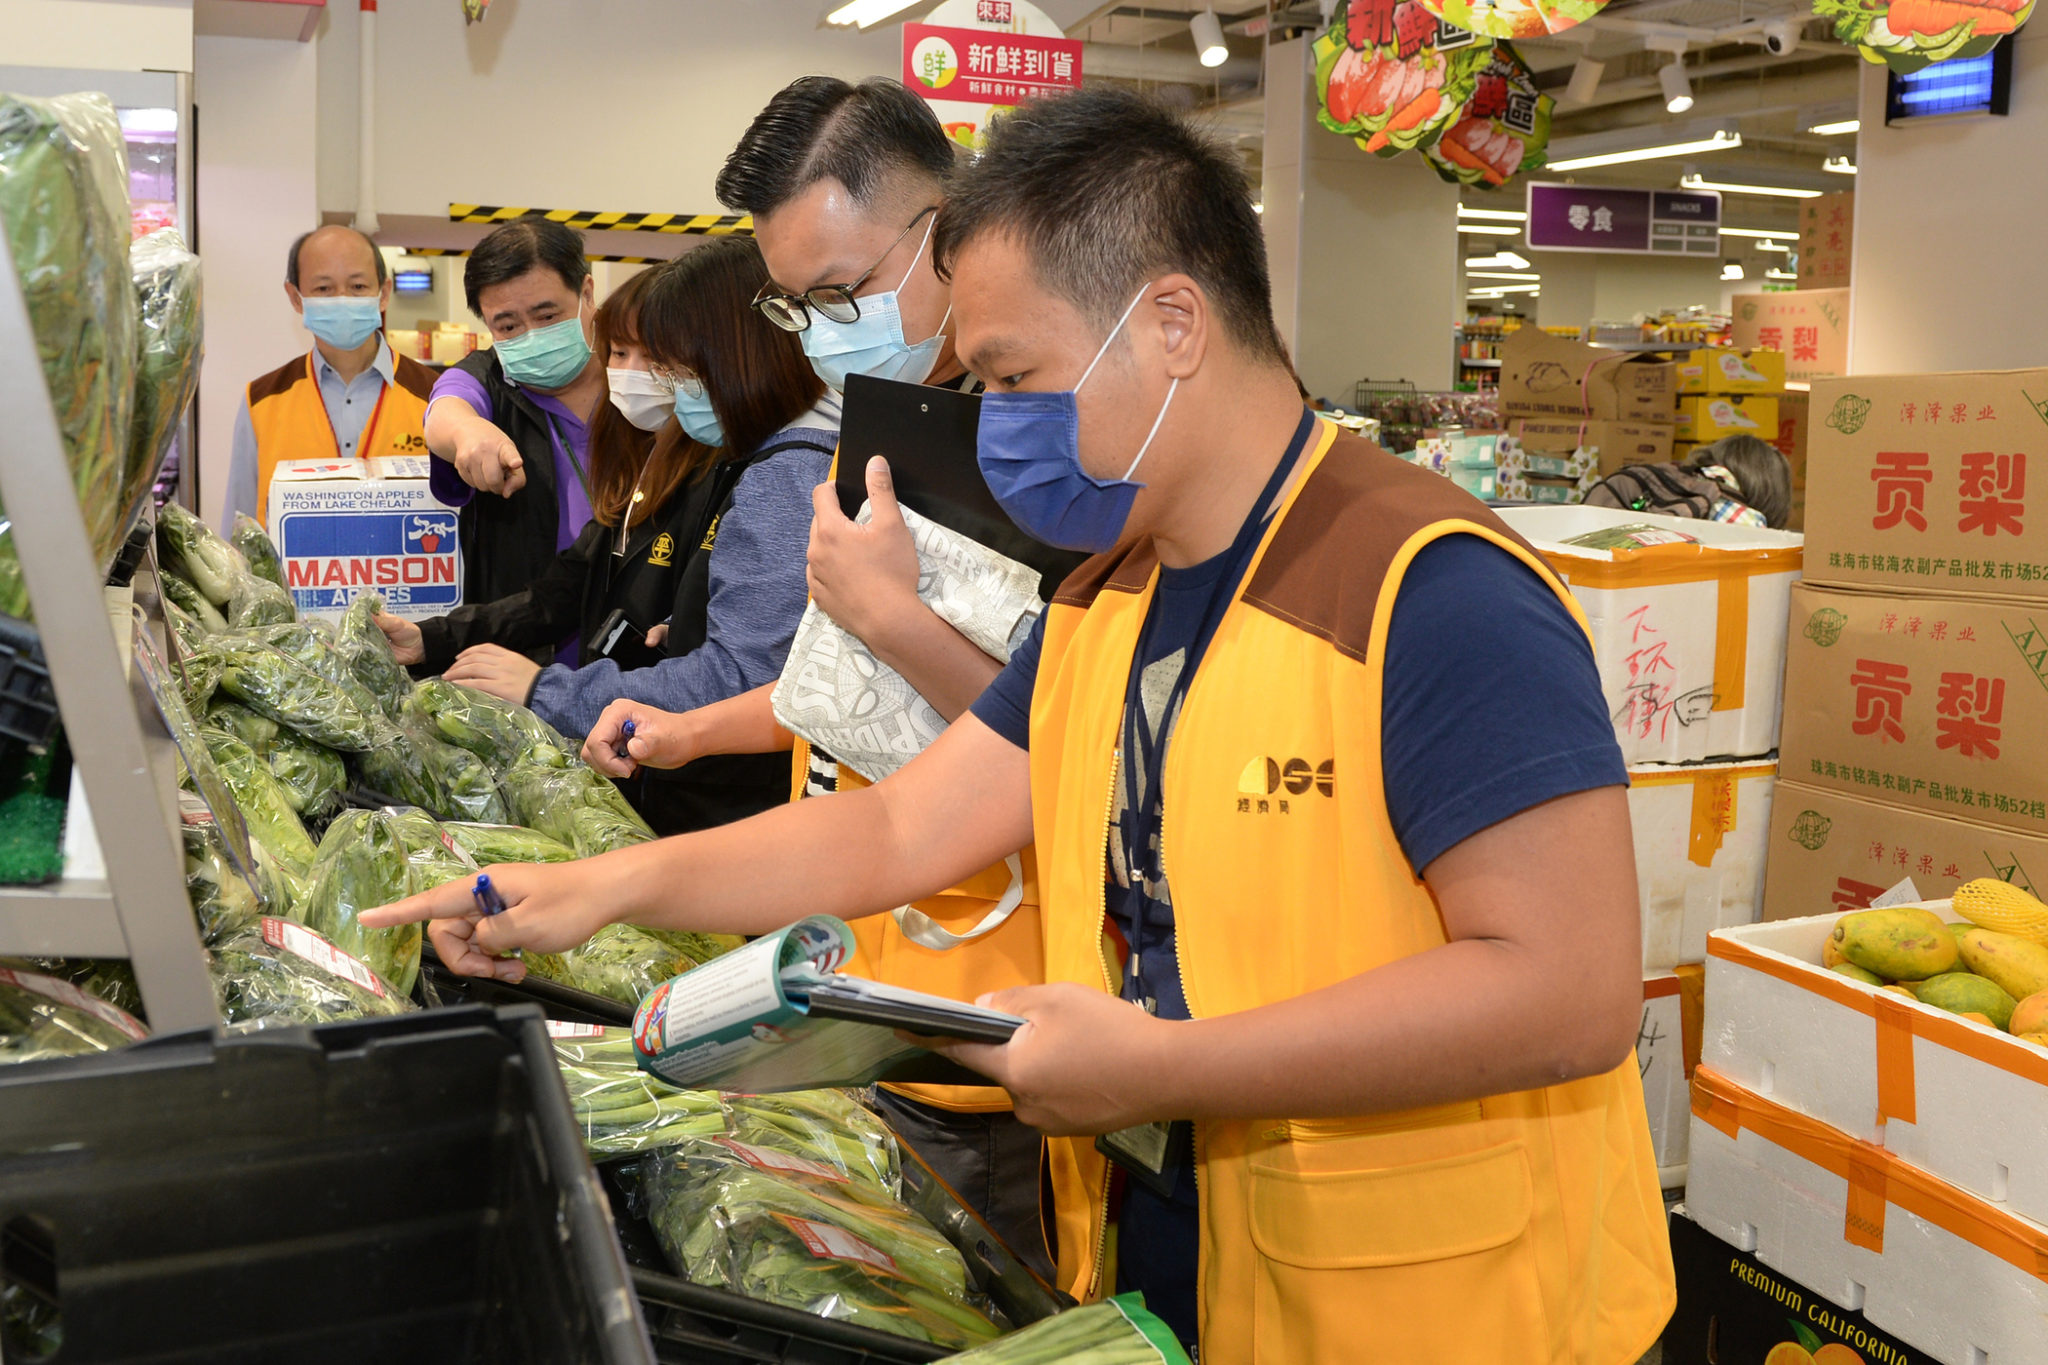 Produtos frescos | Governo diz que não há limitações de mercado